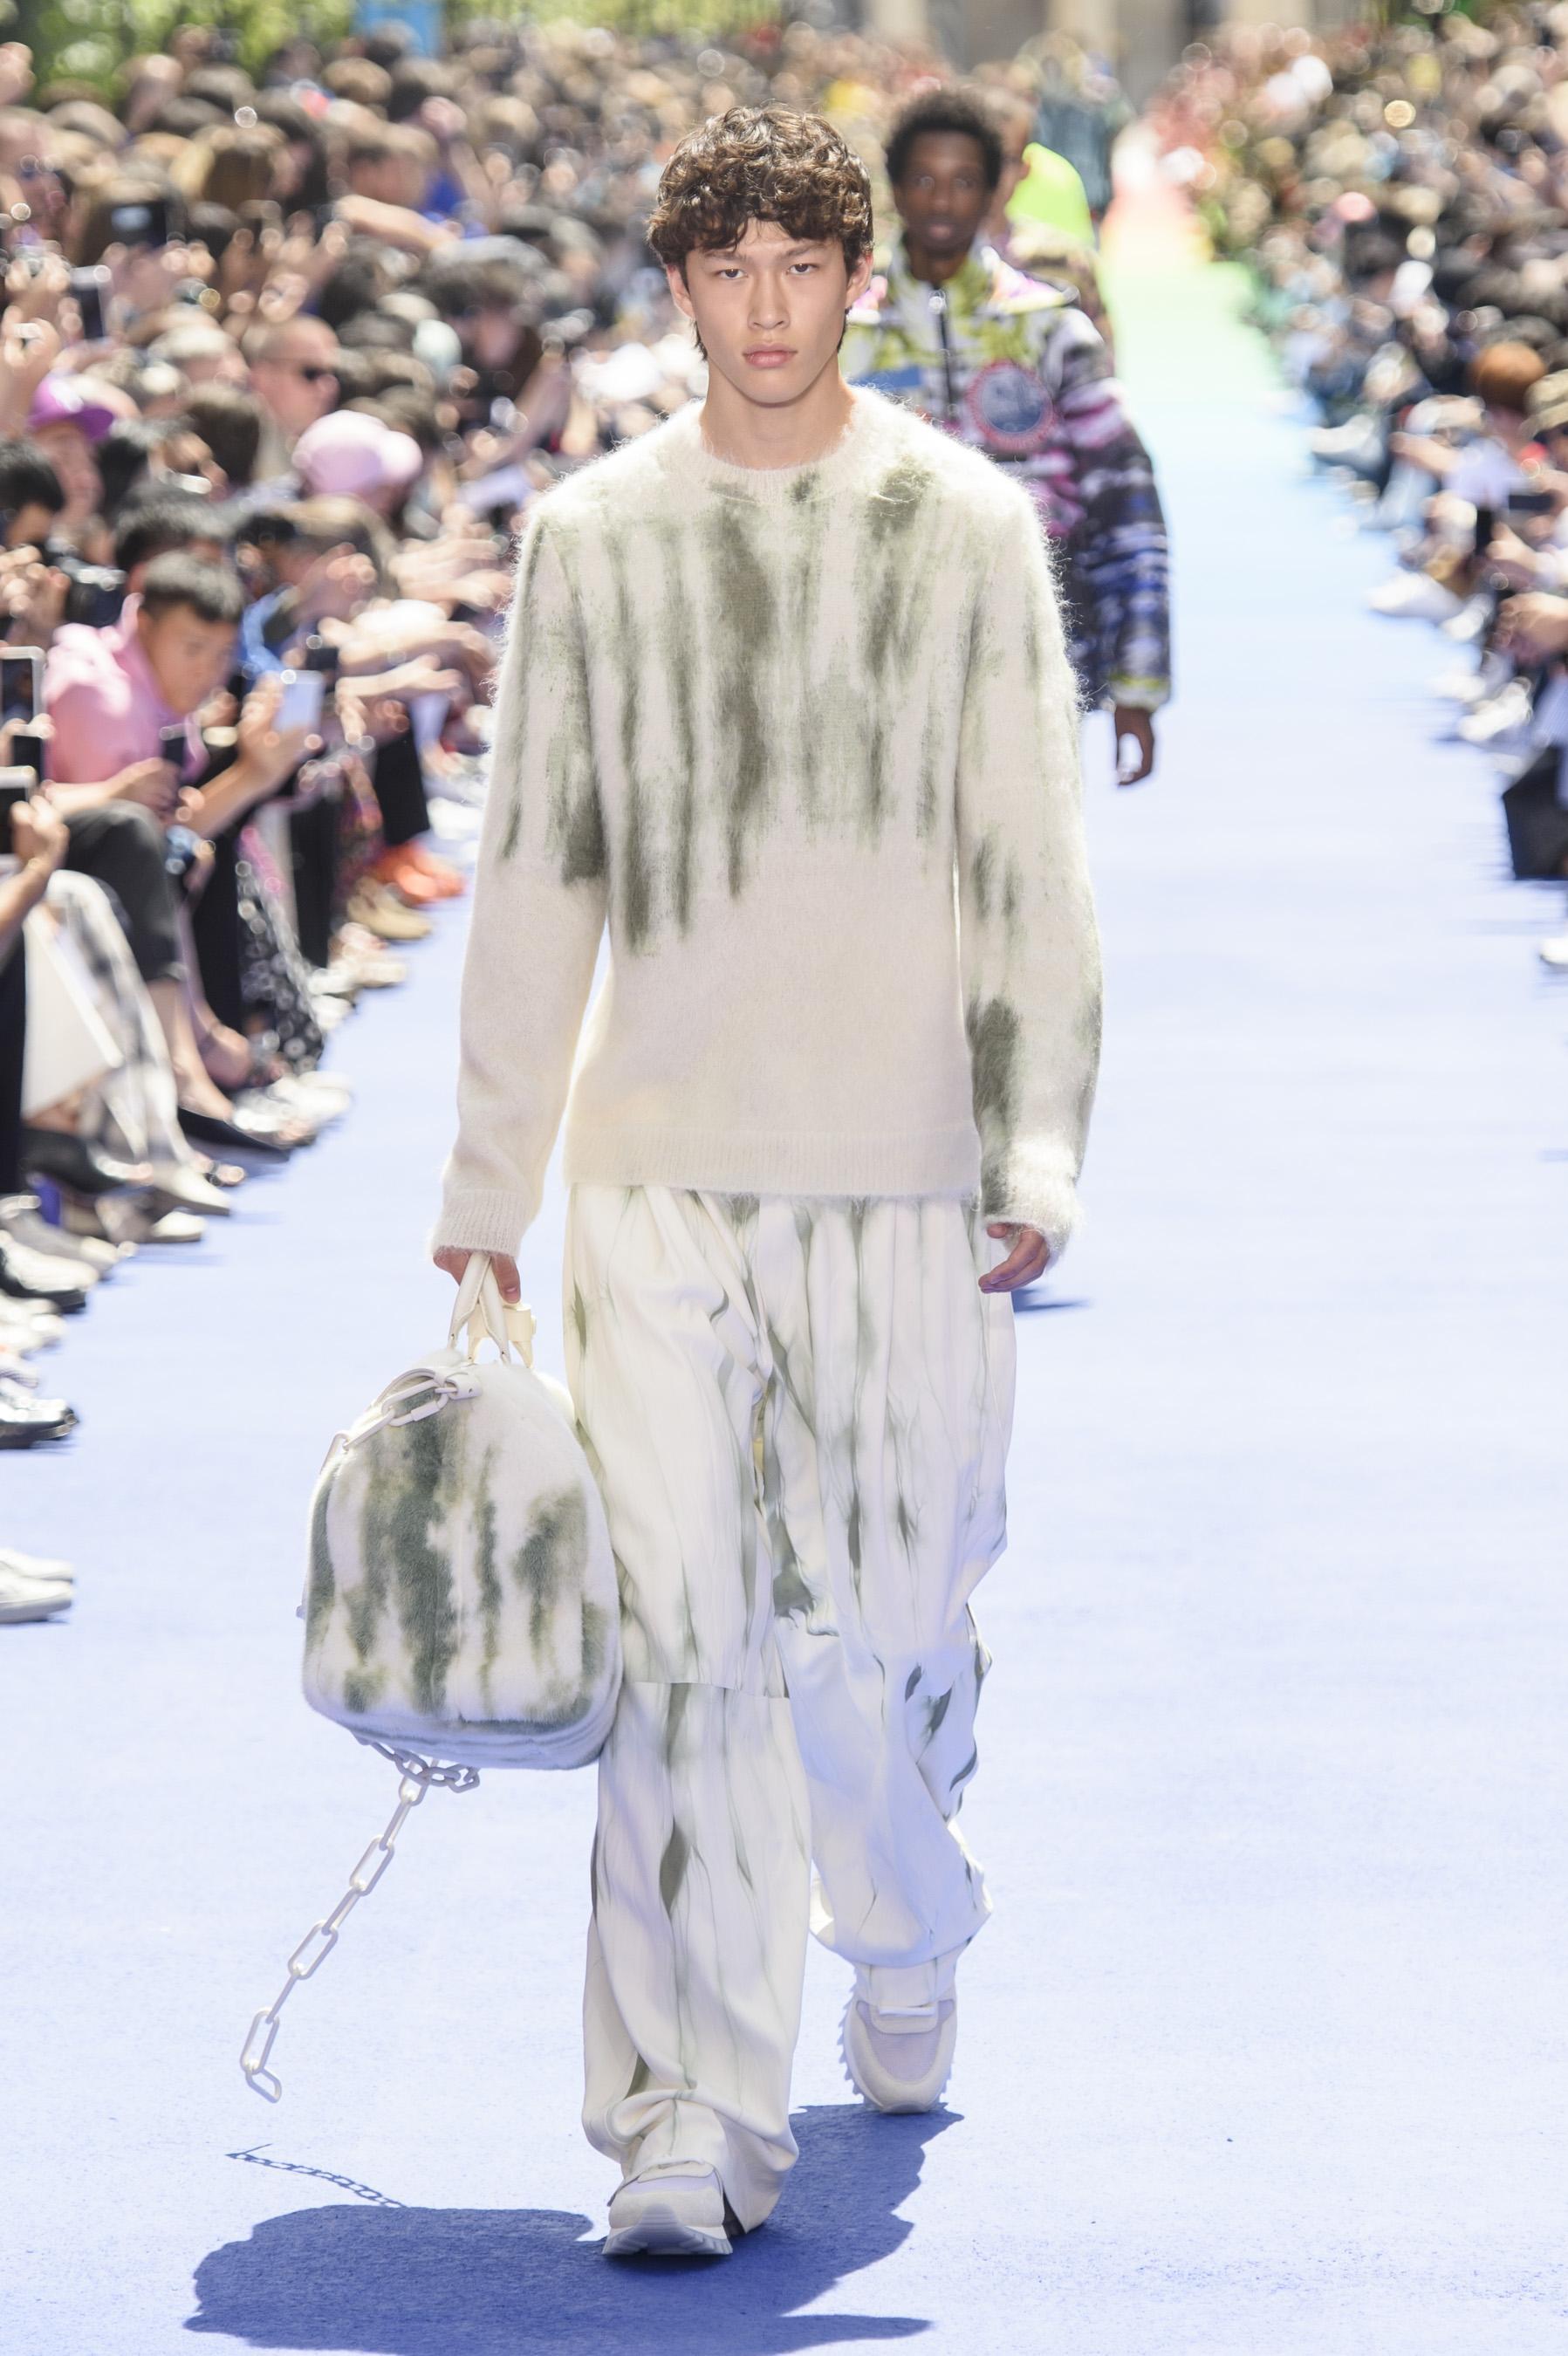 Défilé Louis Vuitton printemps-été 2019, Paris - Look 31. Défilé Louis  Vuitton Homme printemps-été 2019 Paris - photo 31 Imaxtree 86ab2c5f88f